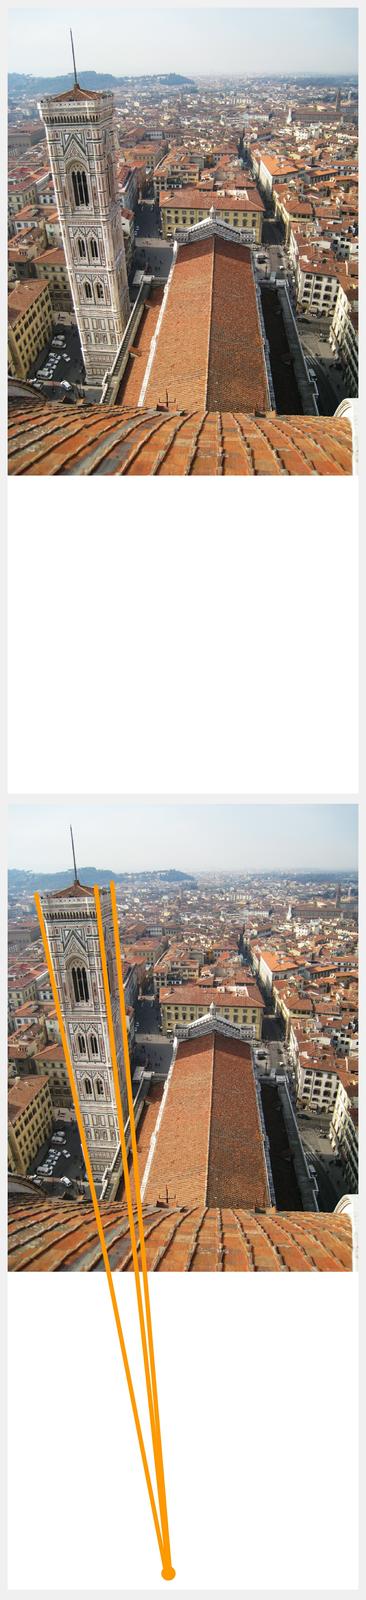 """Ilustracja interaktywna przedstawia fotografię dzwonnicy Giotta. Zdjęcie zrobione jest zlotu ptaka. Przedstawiona jest wieża okwadratowej podstawie zgraniastymi wzmocnieniami wnarożnikach. Elewacje zostały obłożone kolorowymi płytami marmuru okolorze białym iróżowym. Wtle widać panoramę miasta zdużą ilością czerwonych dachów. Wprawym, dolnym rogu, na niebieskim kwadratowym tle znajduje się litera """"i"""" . Odwrócona ilustracja przedstawia tę samą fotografię znaniesionymi pomarańczowymi liniami, poprowadzonymi wzdłuż krawędzi dzwonnicy. Linie łączą się udołu, poza fotografią."""